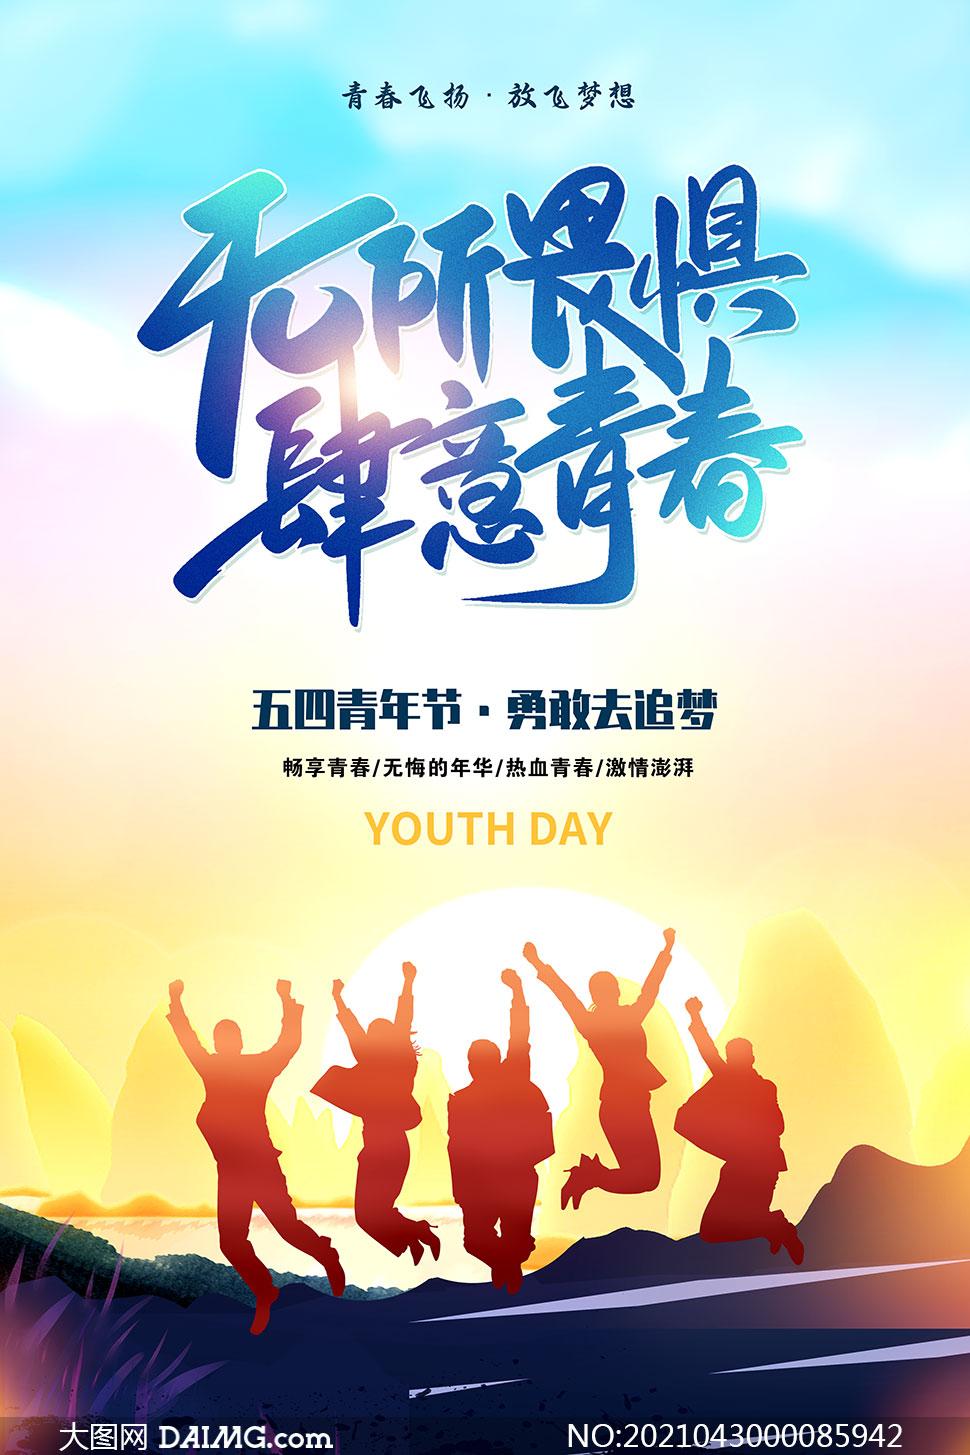 五四青年節活動宣傳海報設計PSD素材